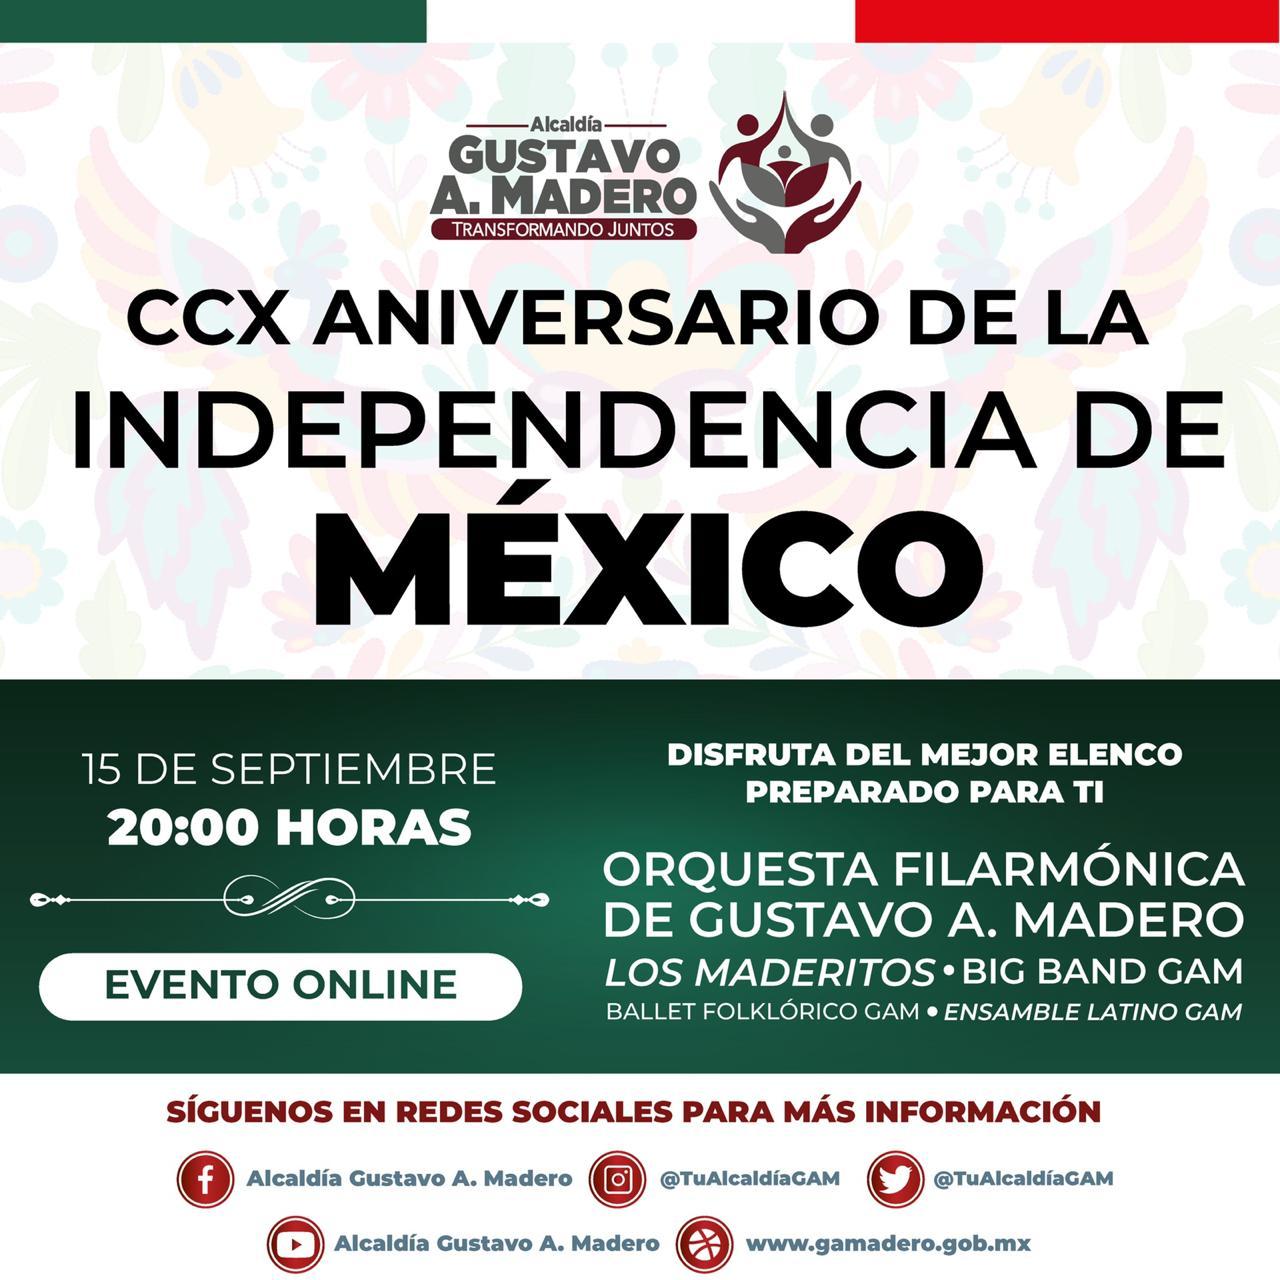 La alcaldía Gustavo A. Madero presenta programa virtual para las celebraciones del CCX aniversario de al independencia de México